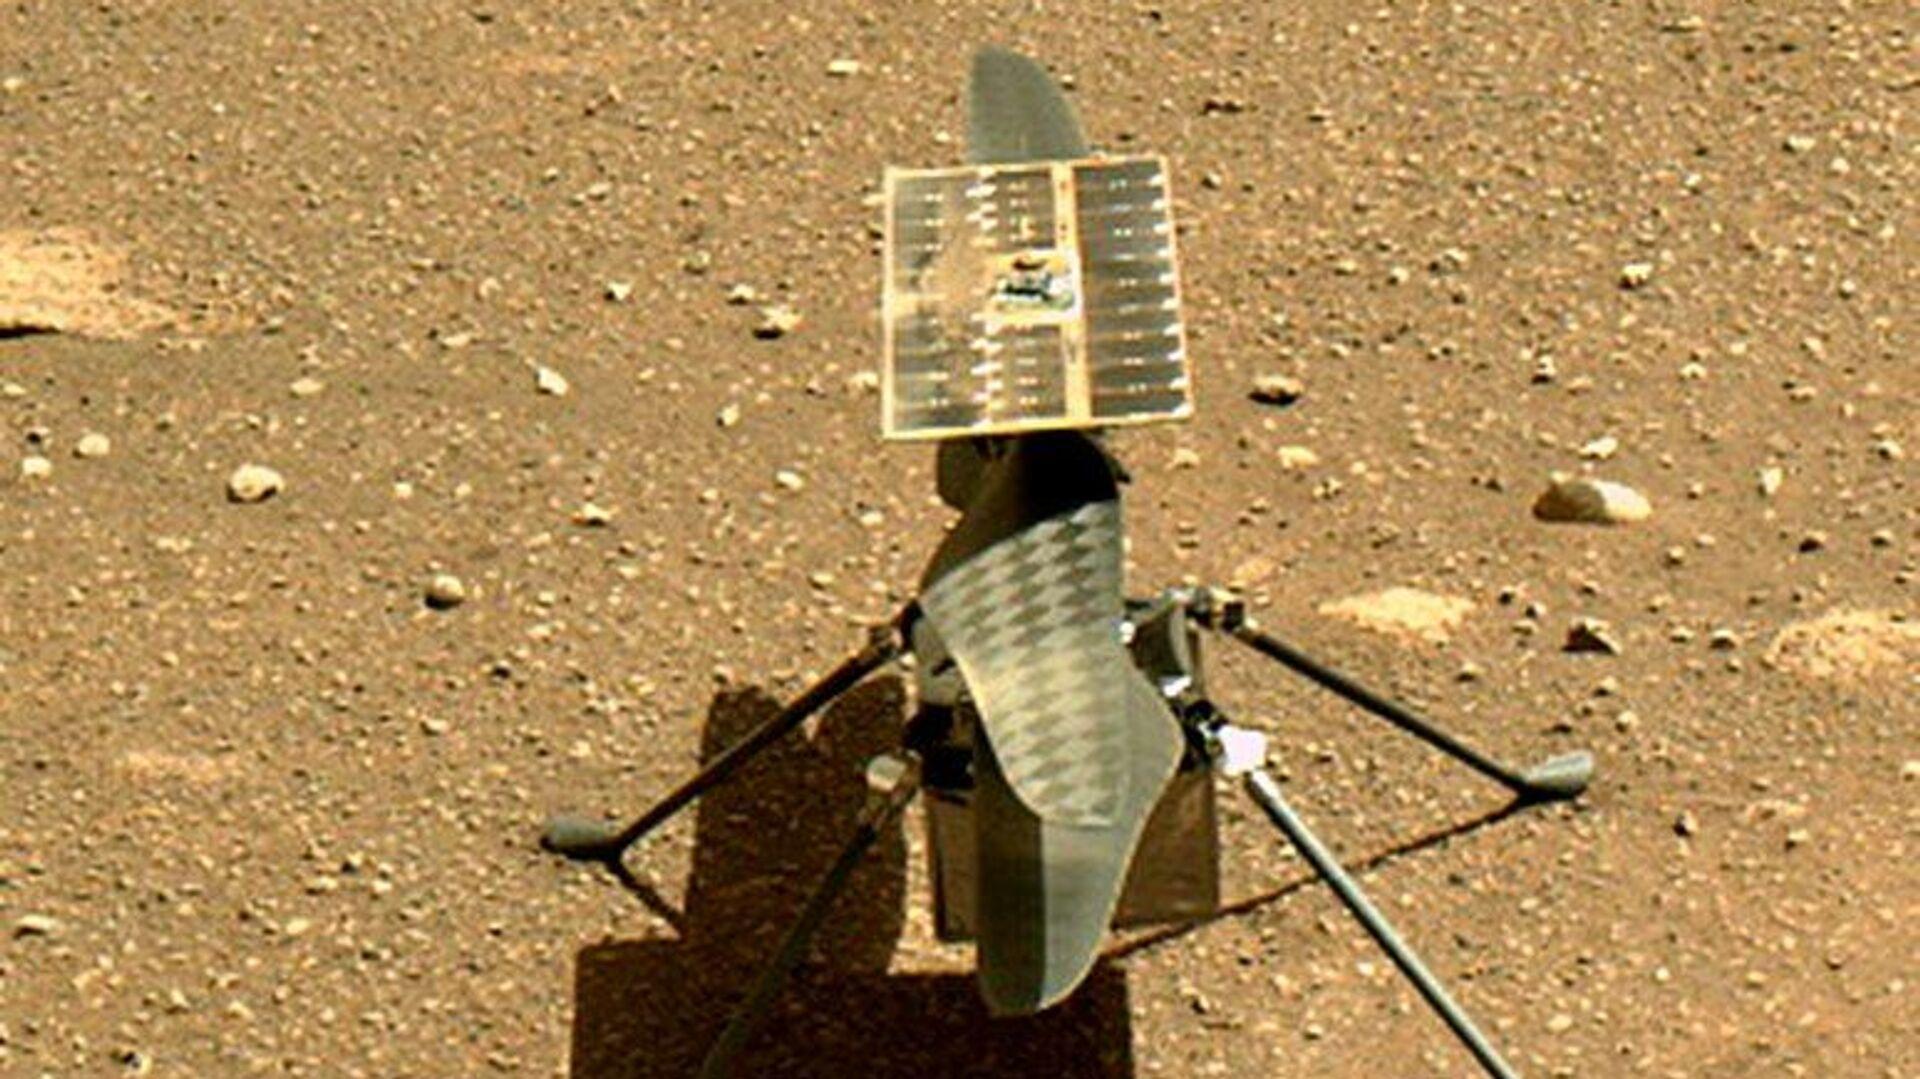 НАСА вновь перенесло первый испытательный полет марсианского вертолета